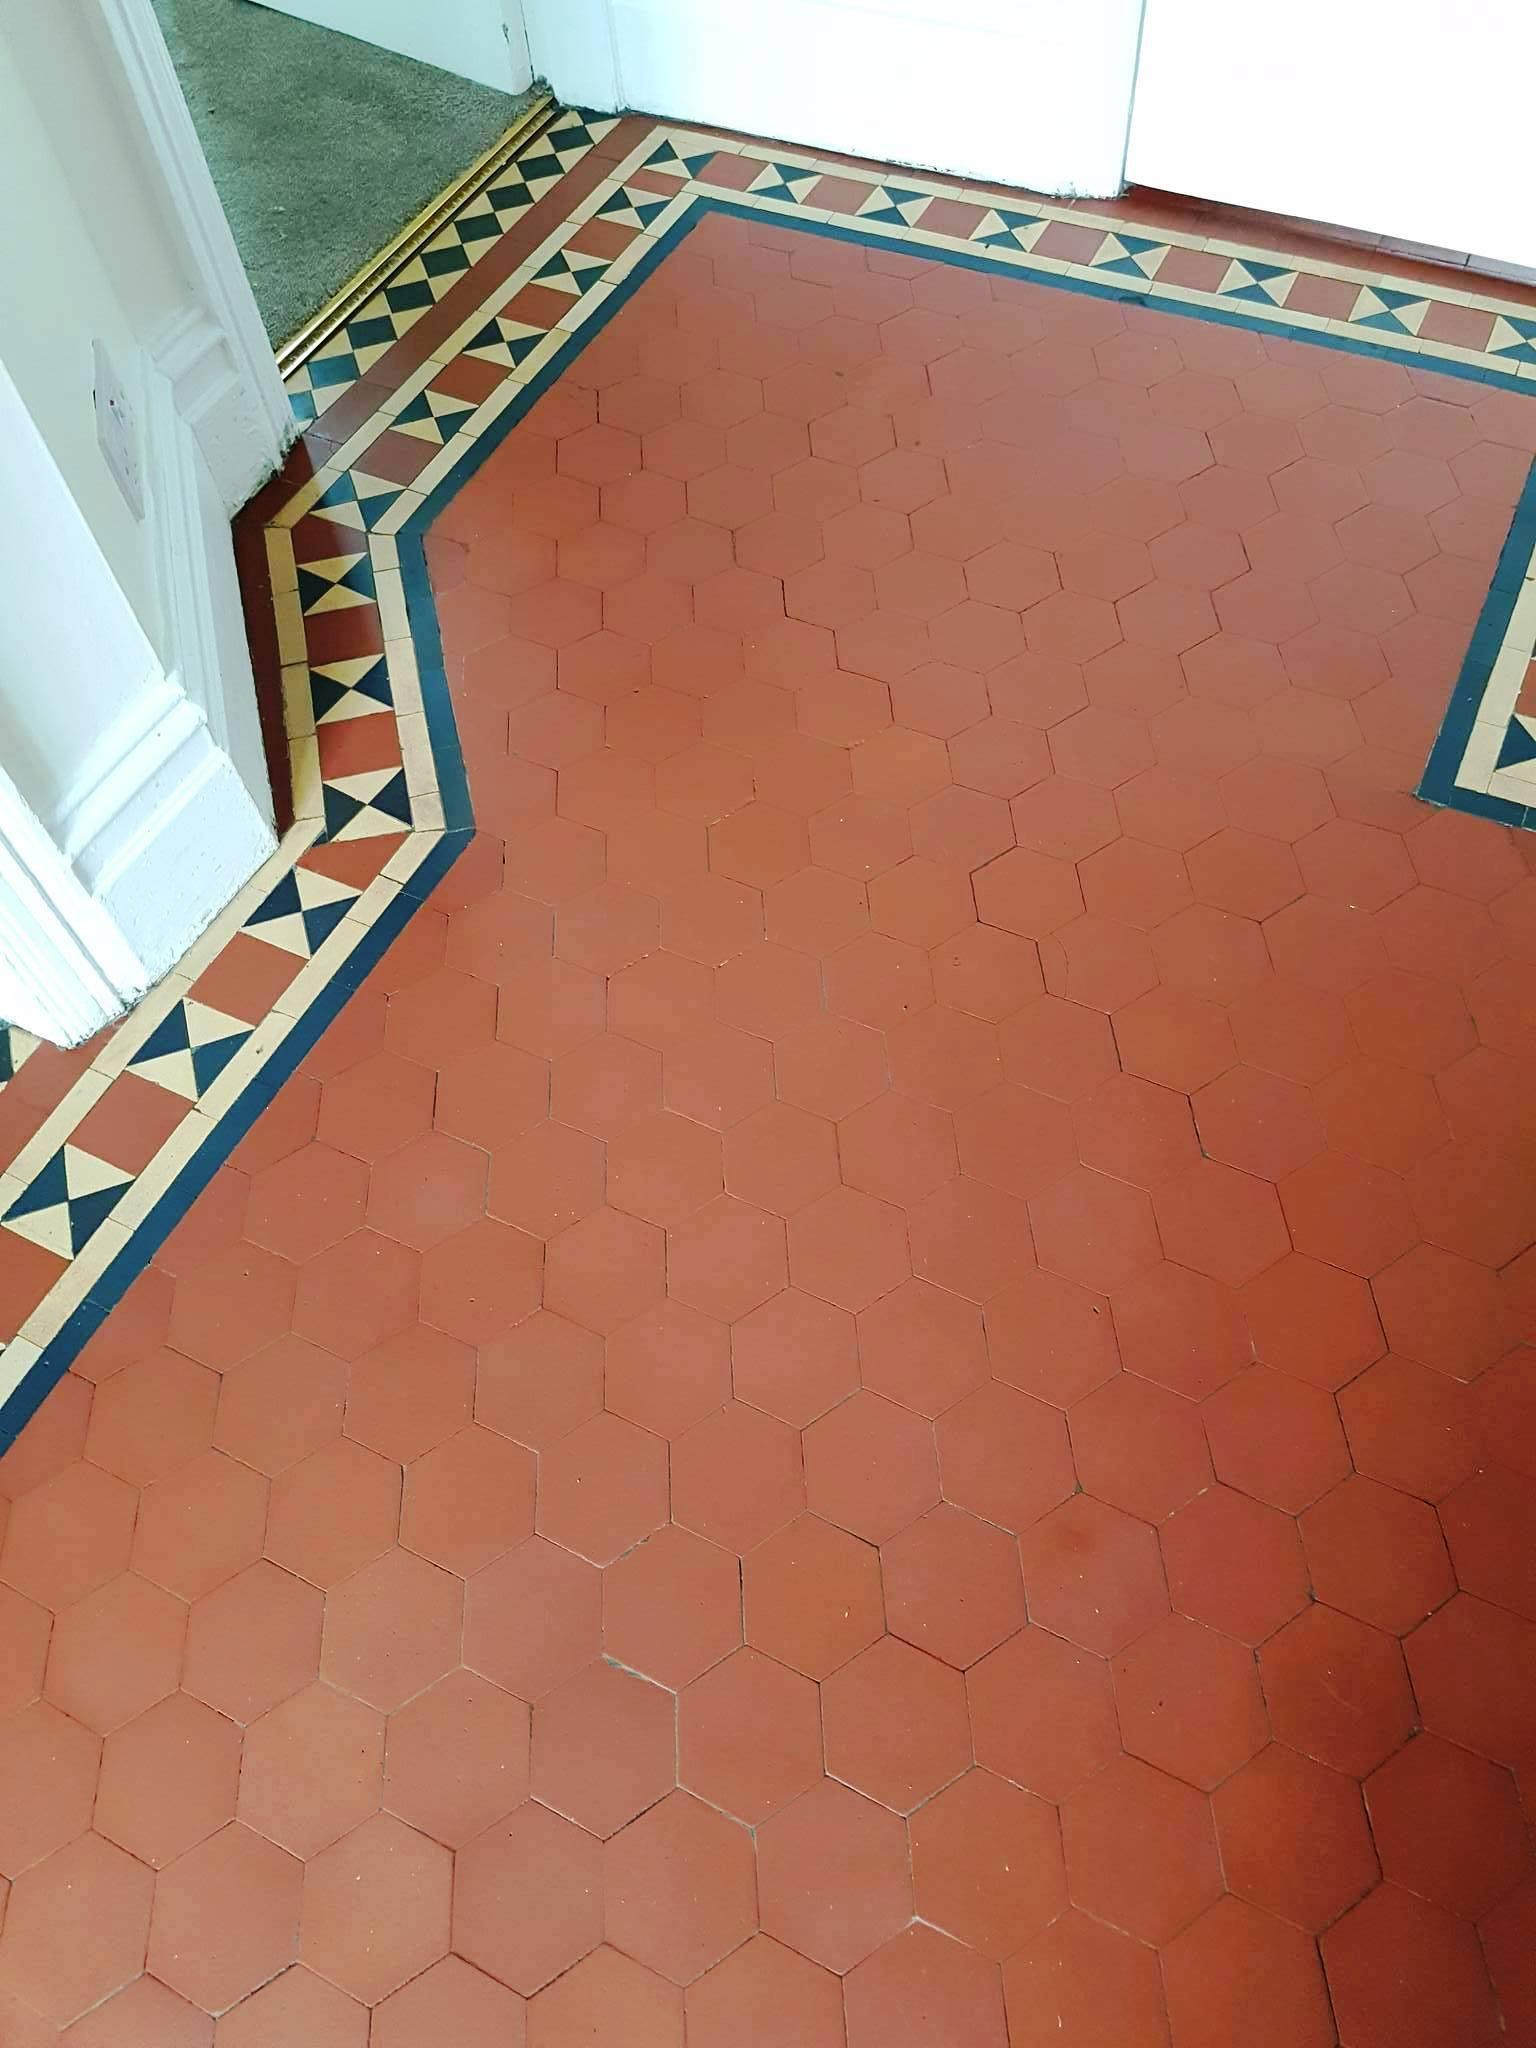 Victorian floor after renovation